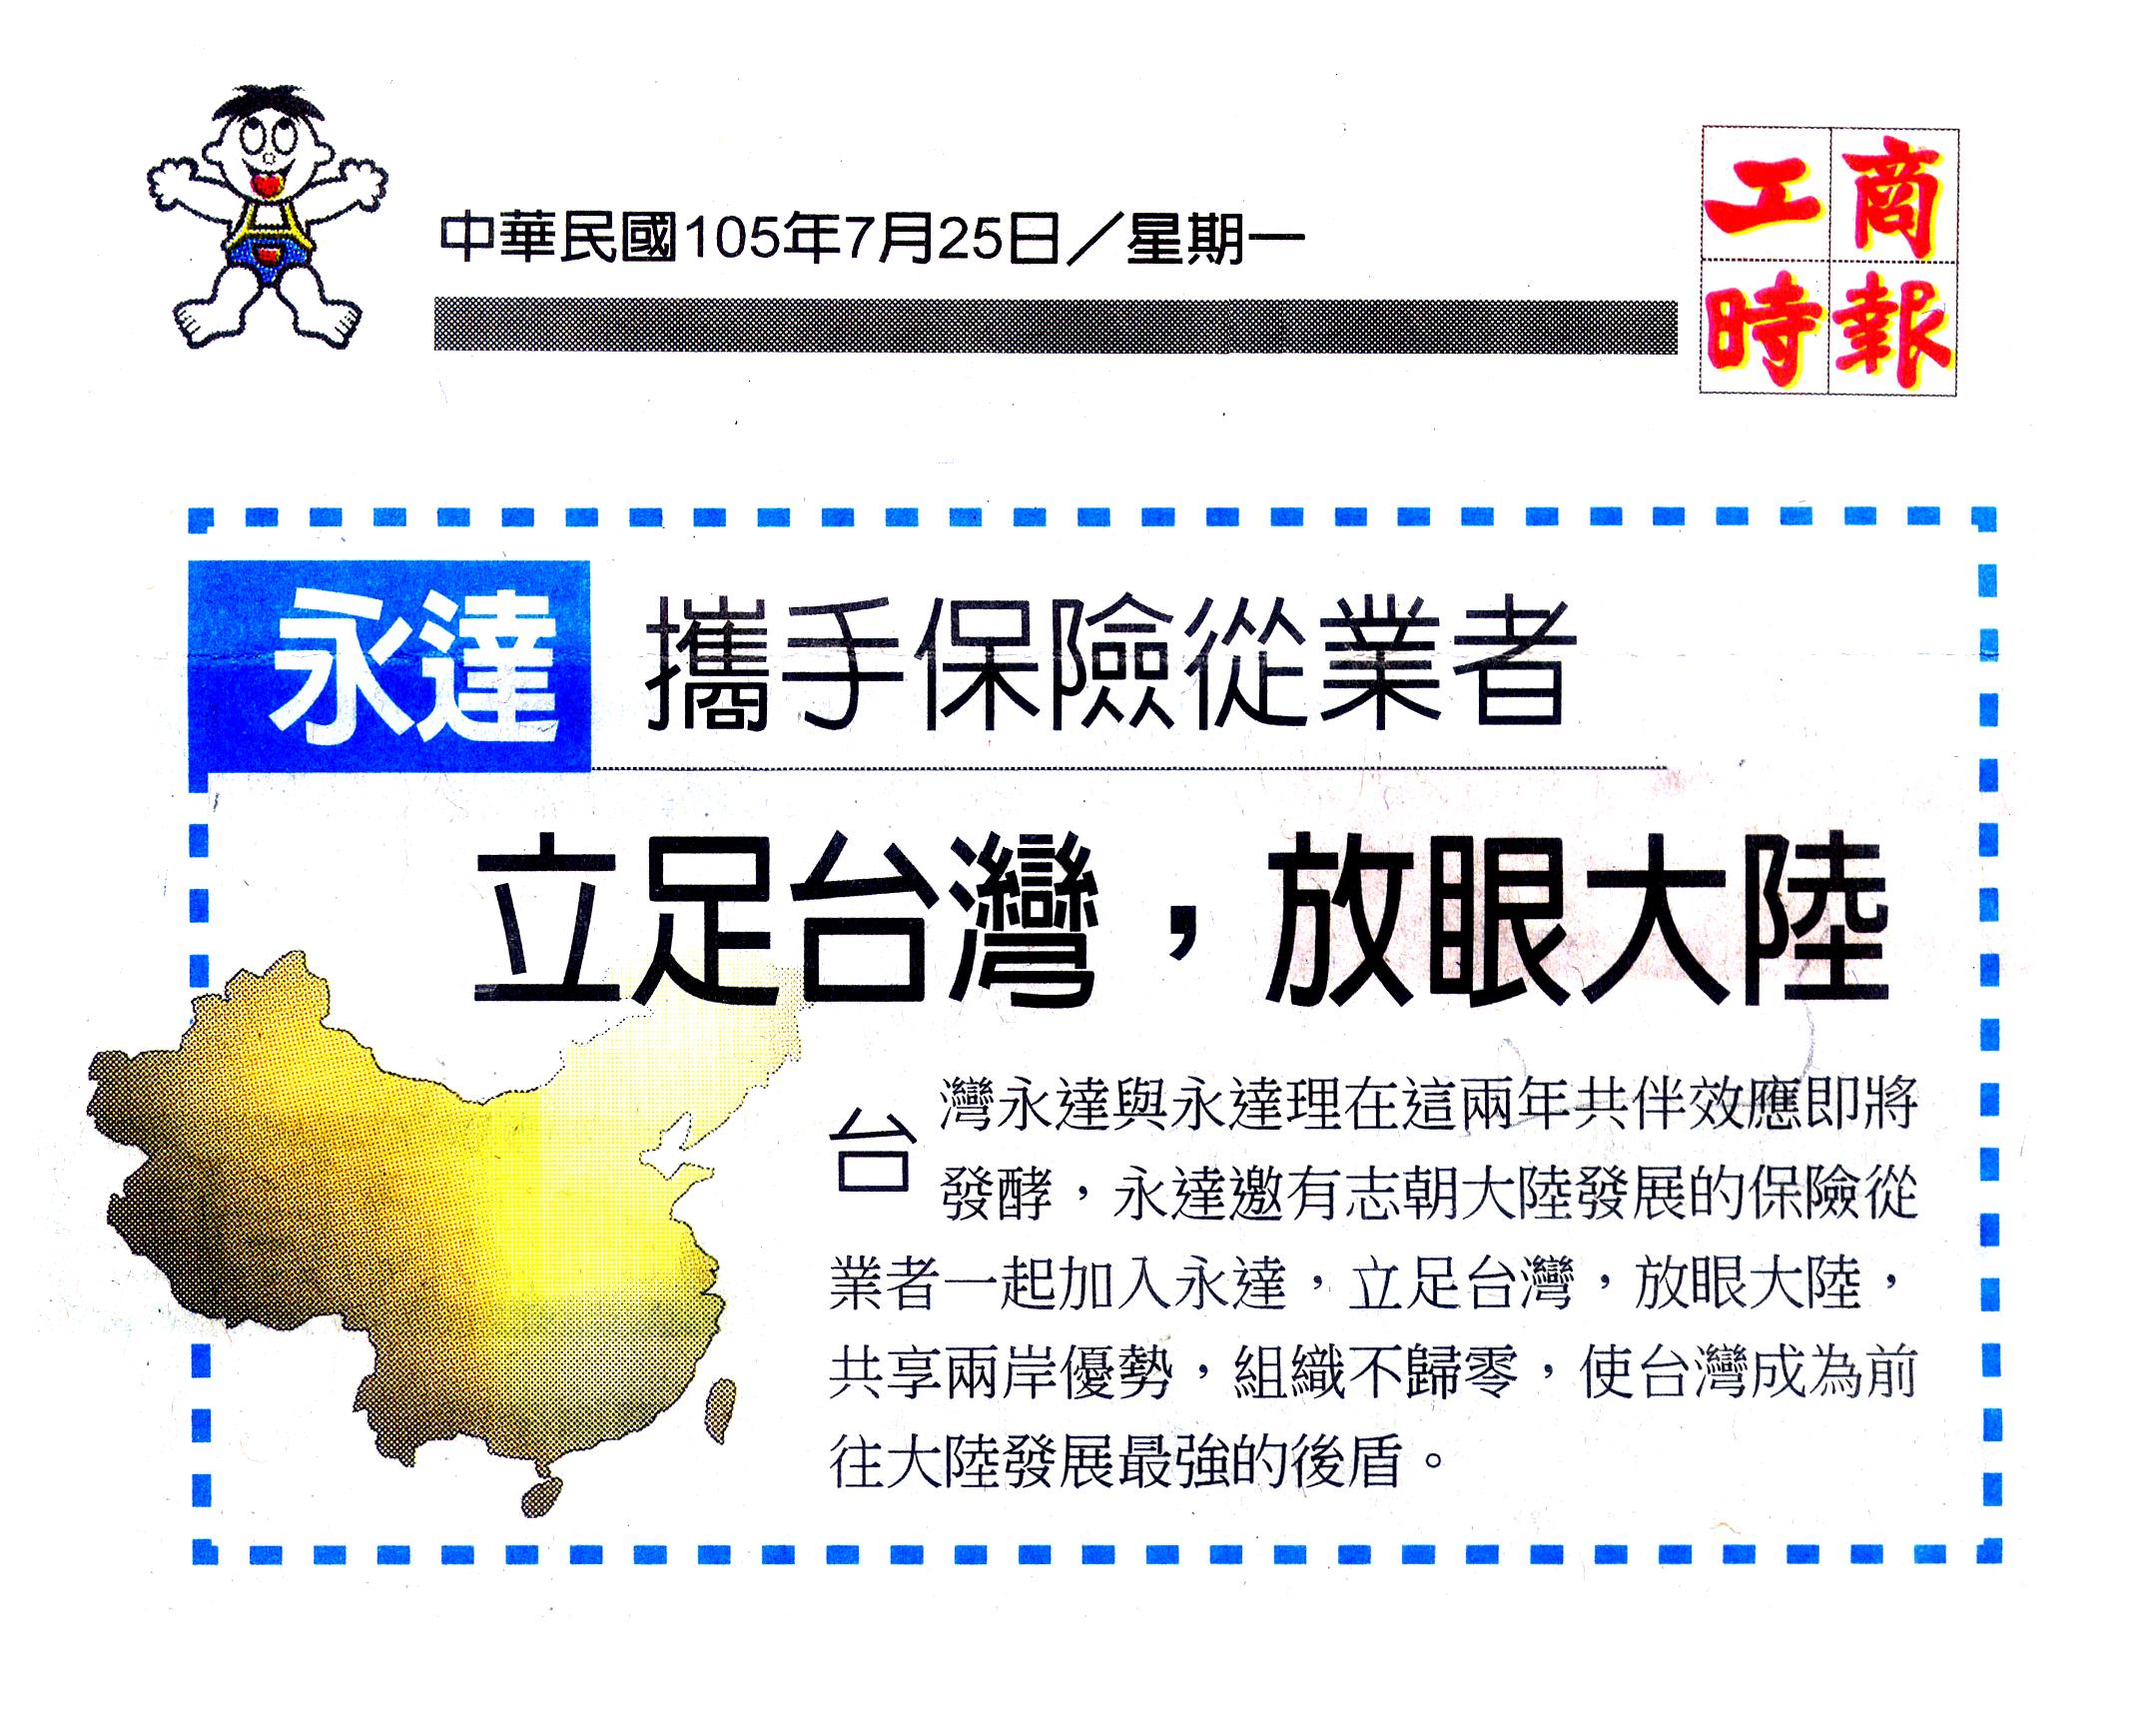 永達攜手保險從業者 立足台灣,放眼大陸報導圖檔